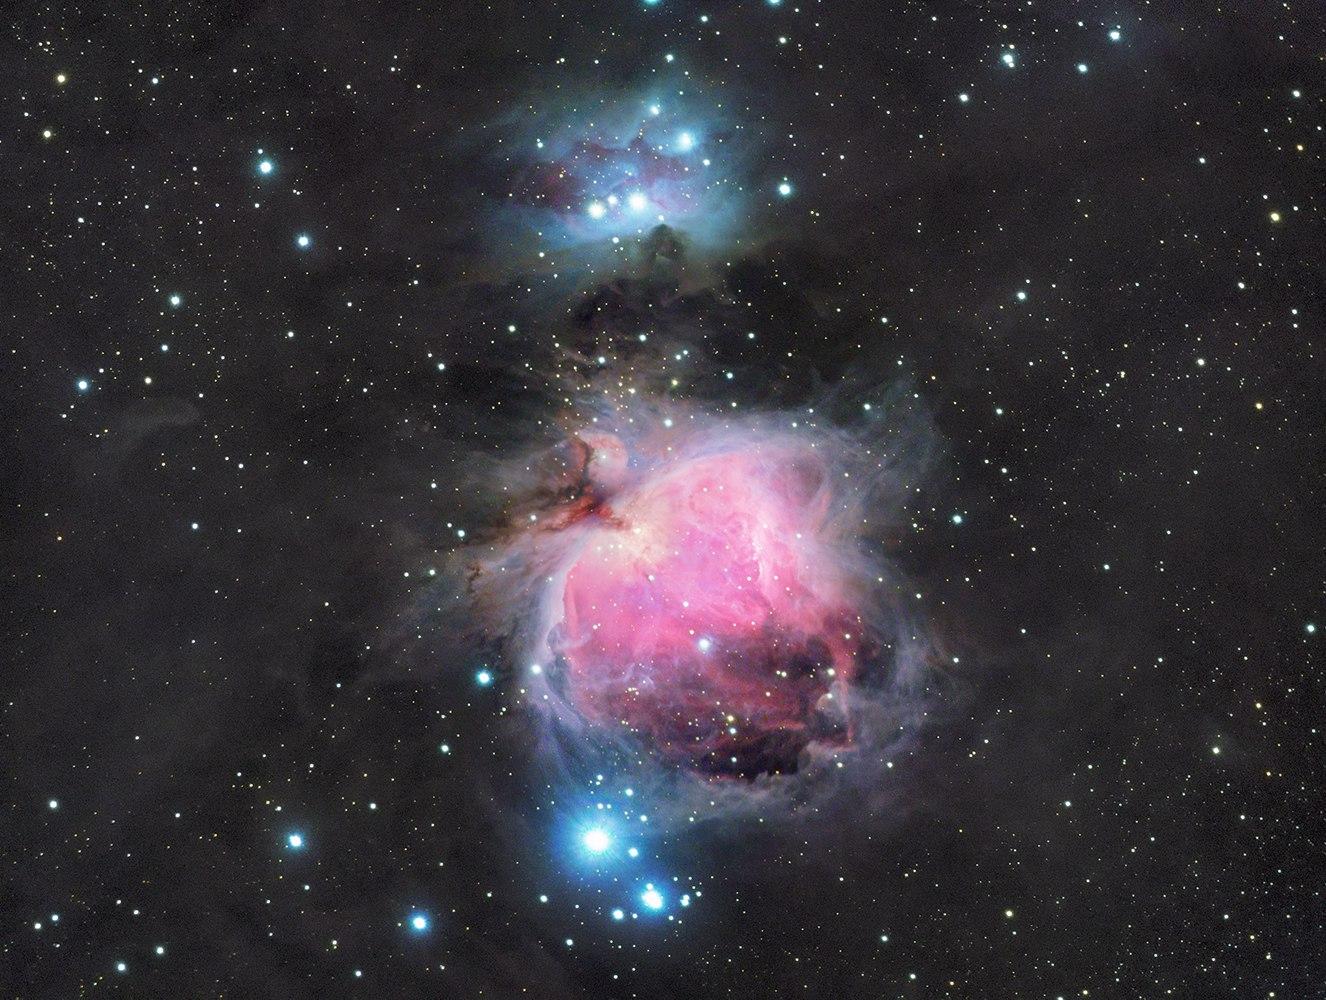 Красота неземная: 11 потрясающих фото созвездий, снятых новосибирцем через телескоп